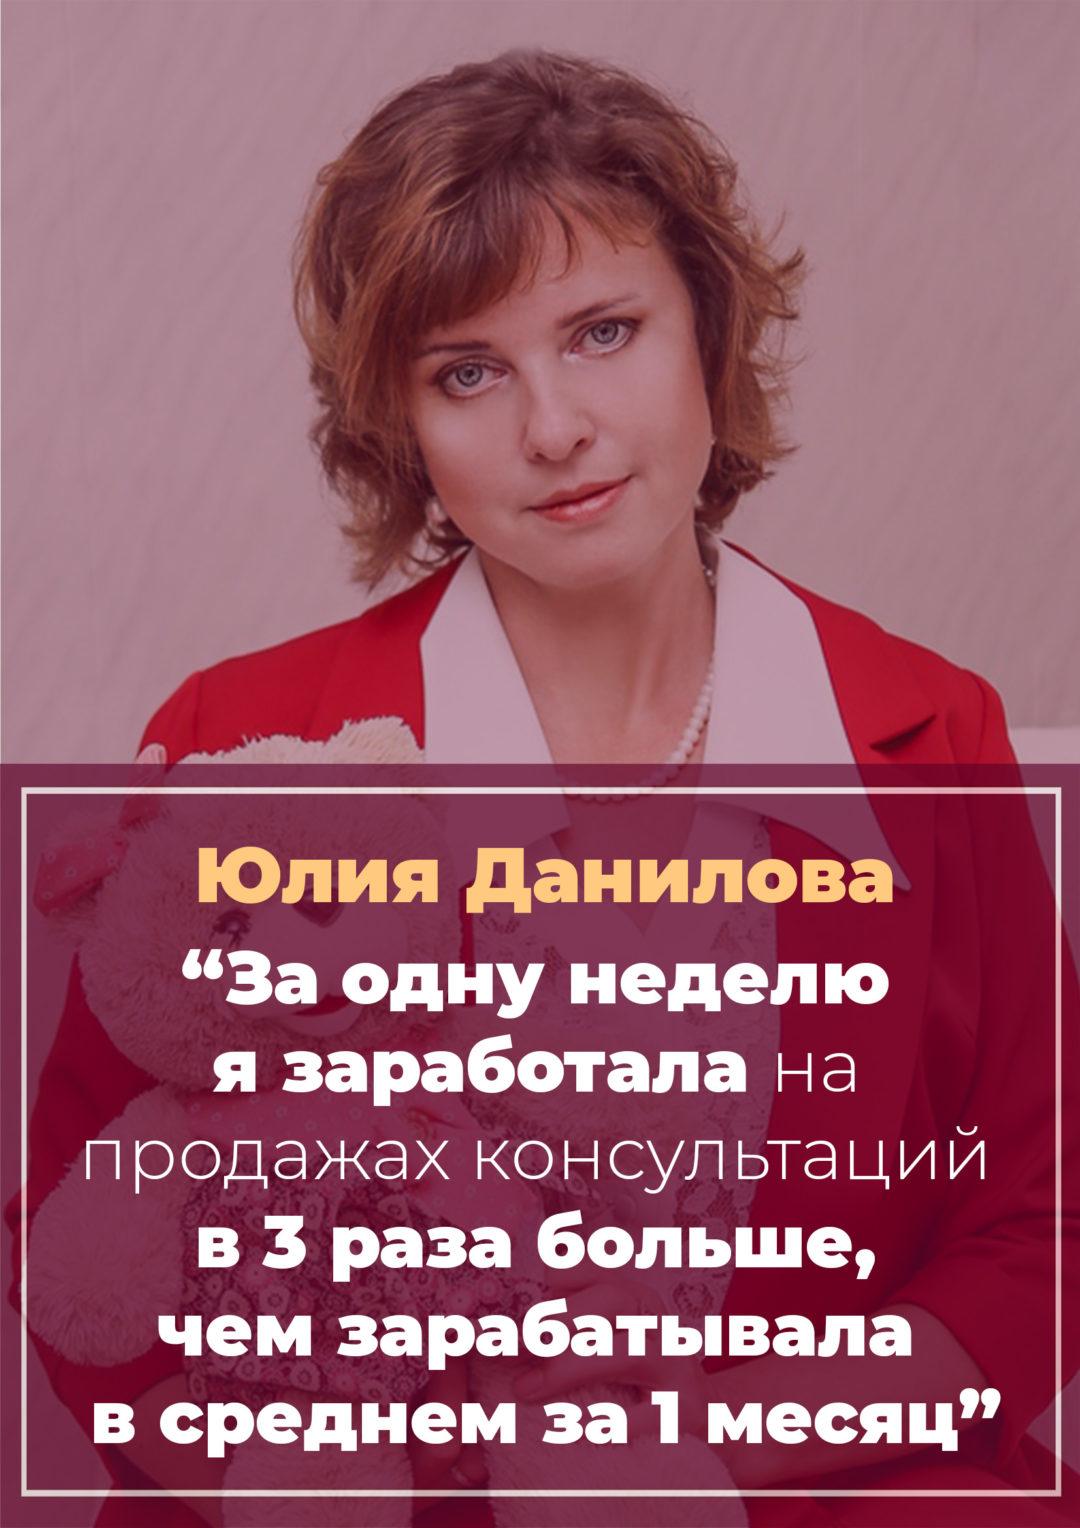 История Юлии Даниловой